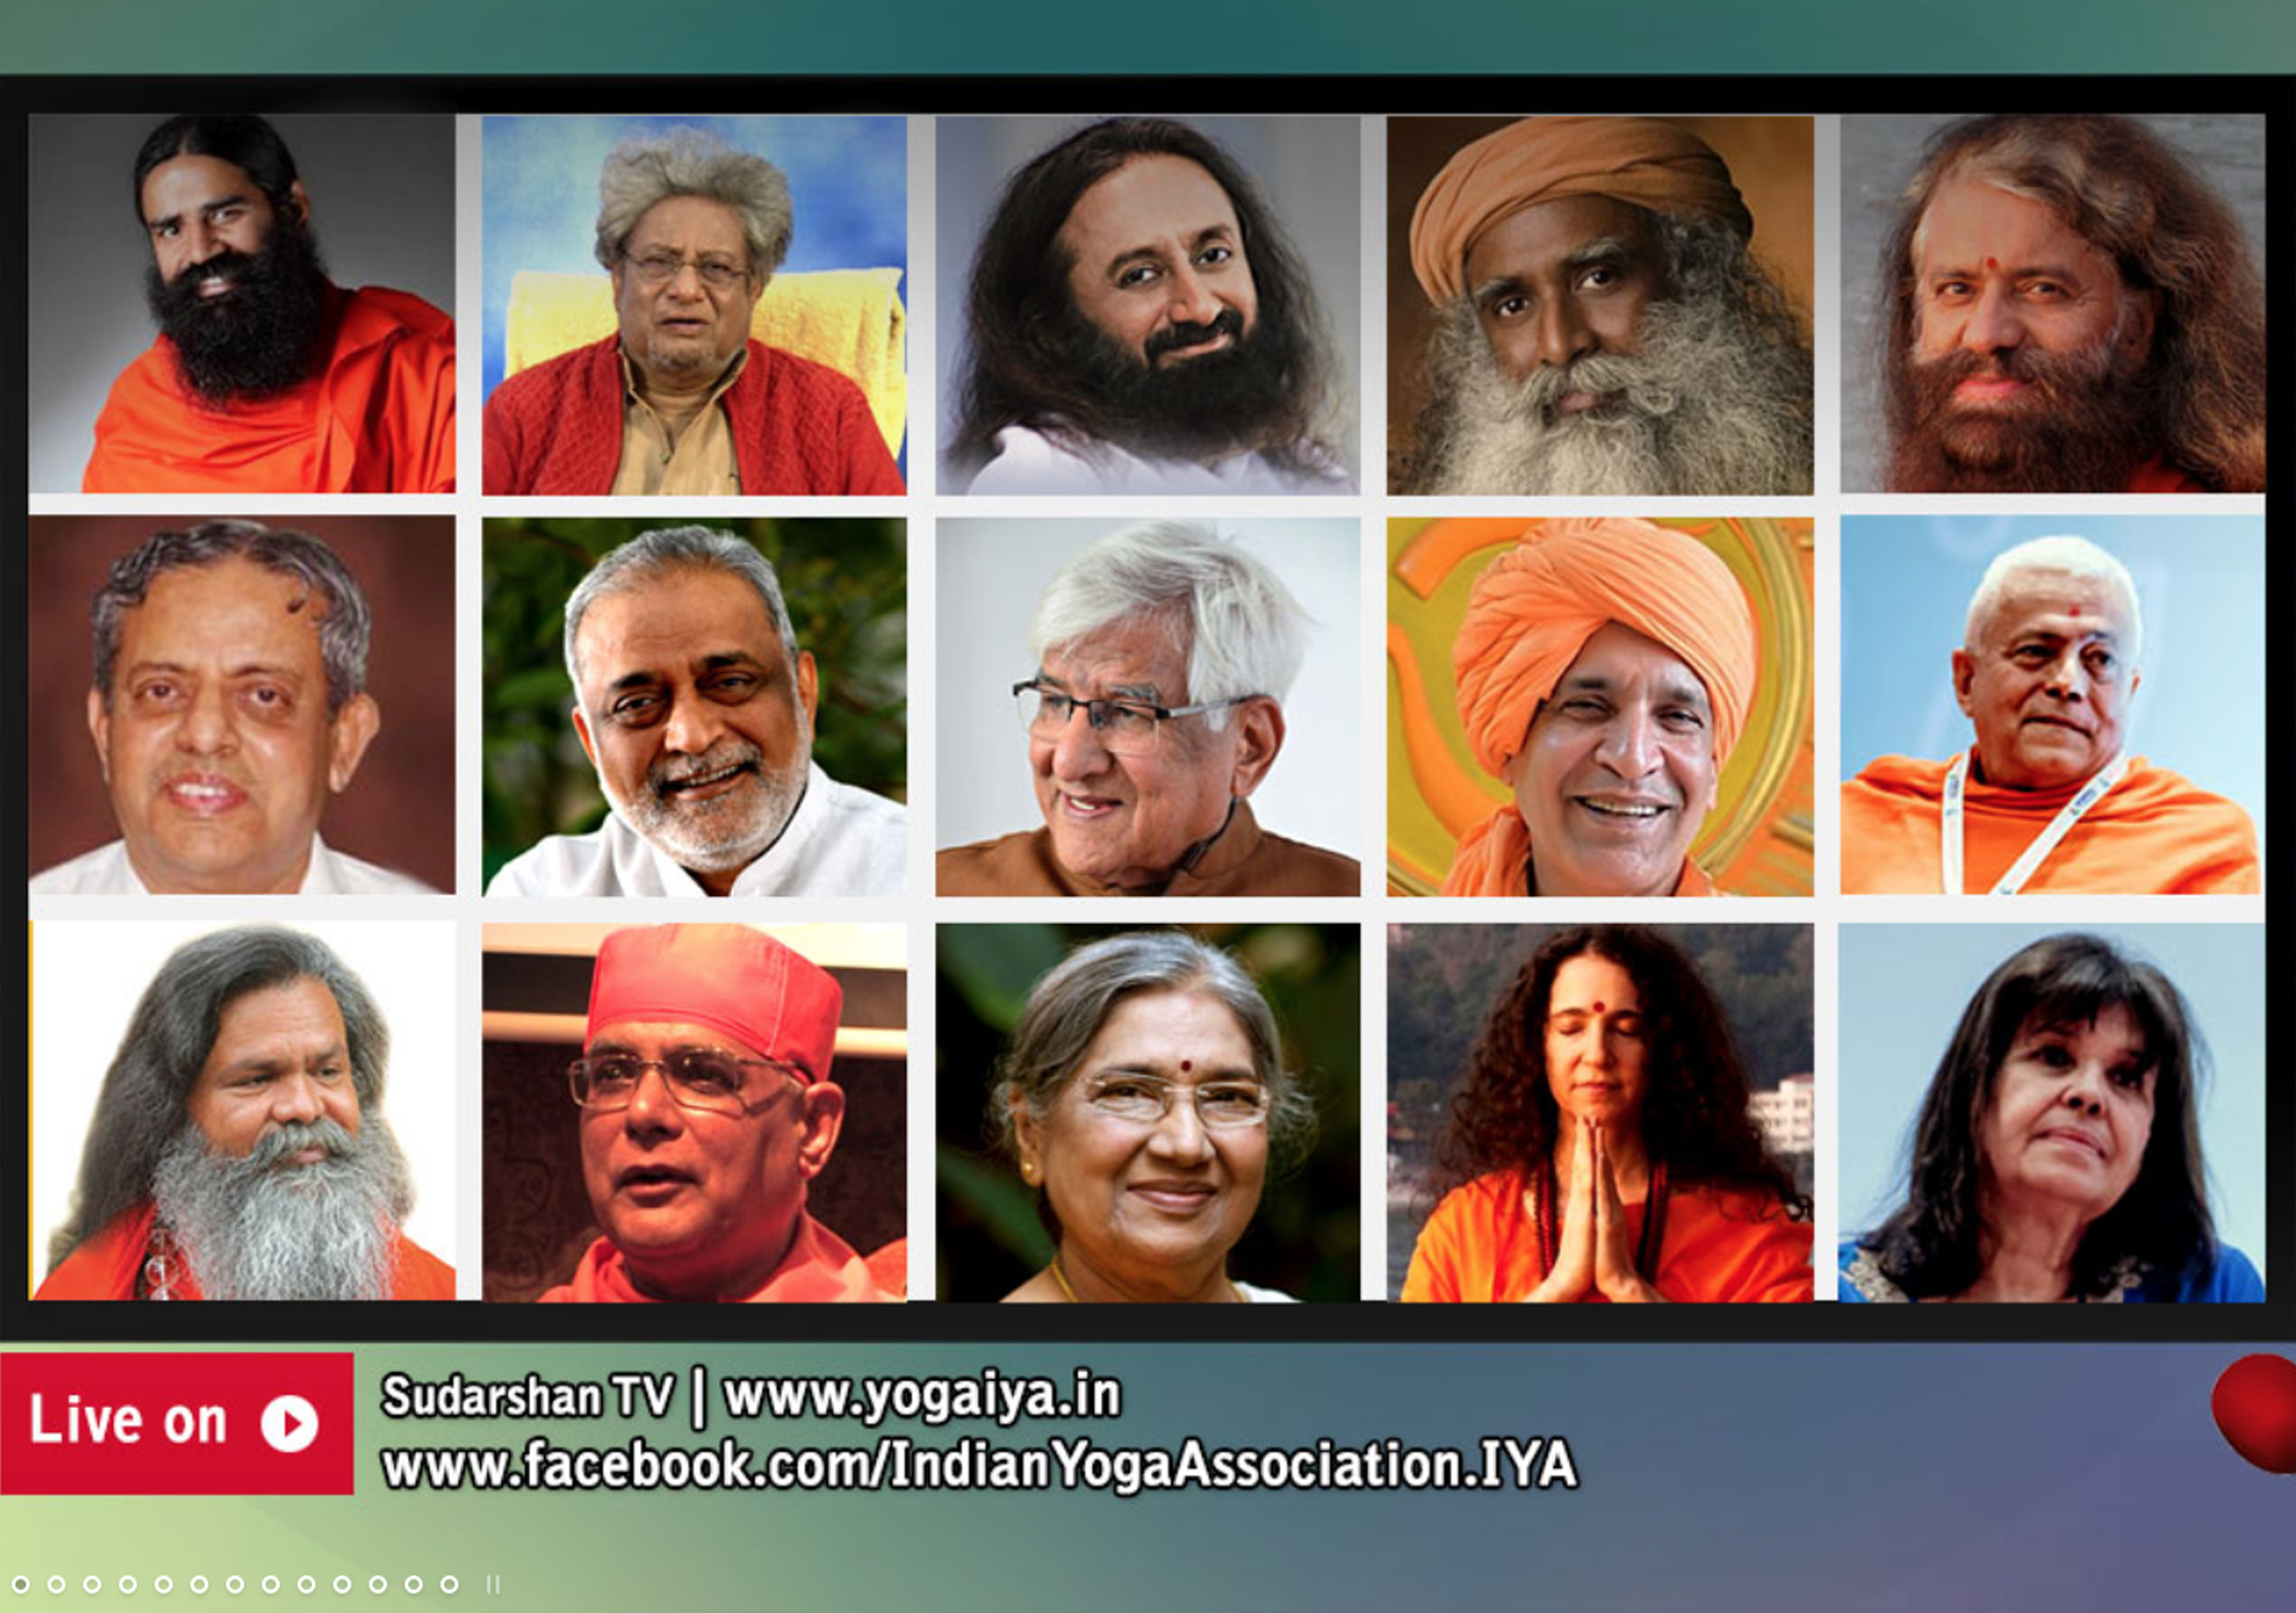 Preghiera universale dei Guru dello yoga collegati on line per la salute nel mondo e del mondo